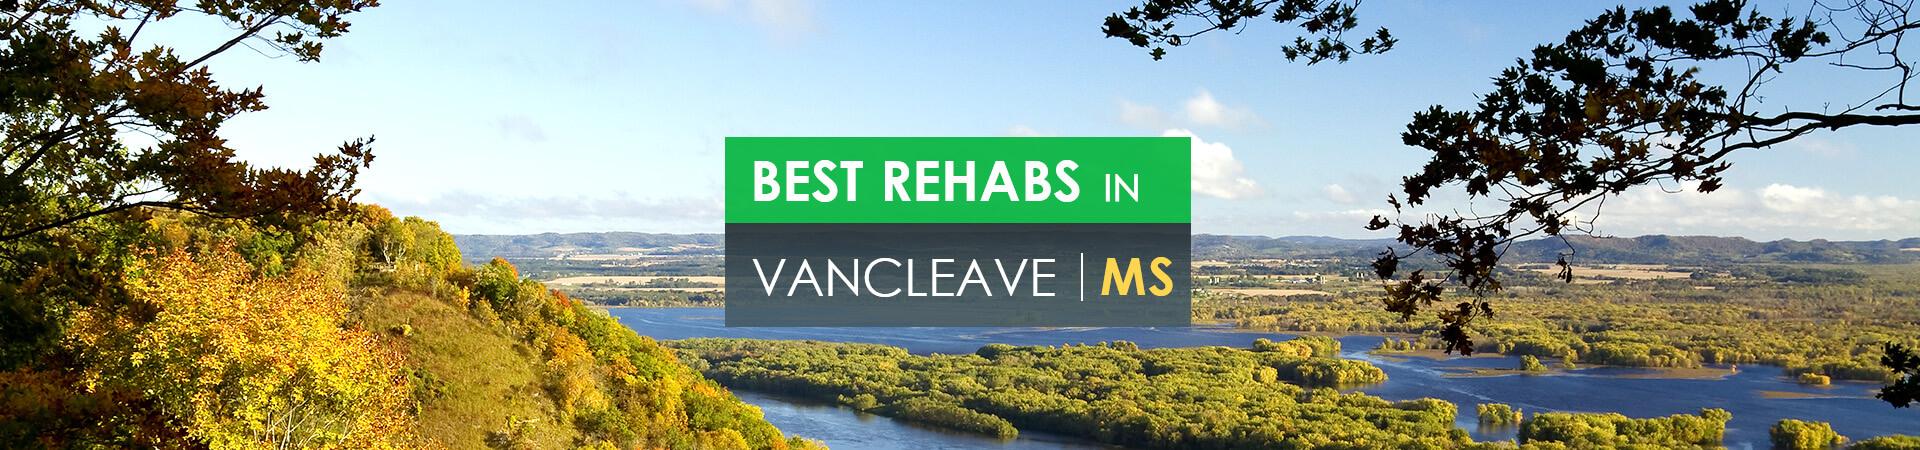 Best rehabs in Vancleave, MS